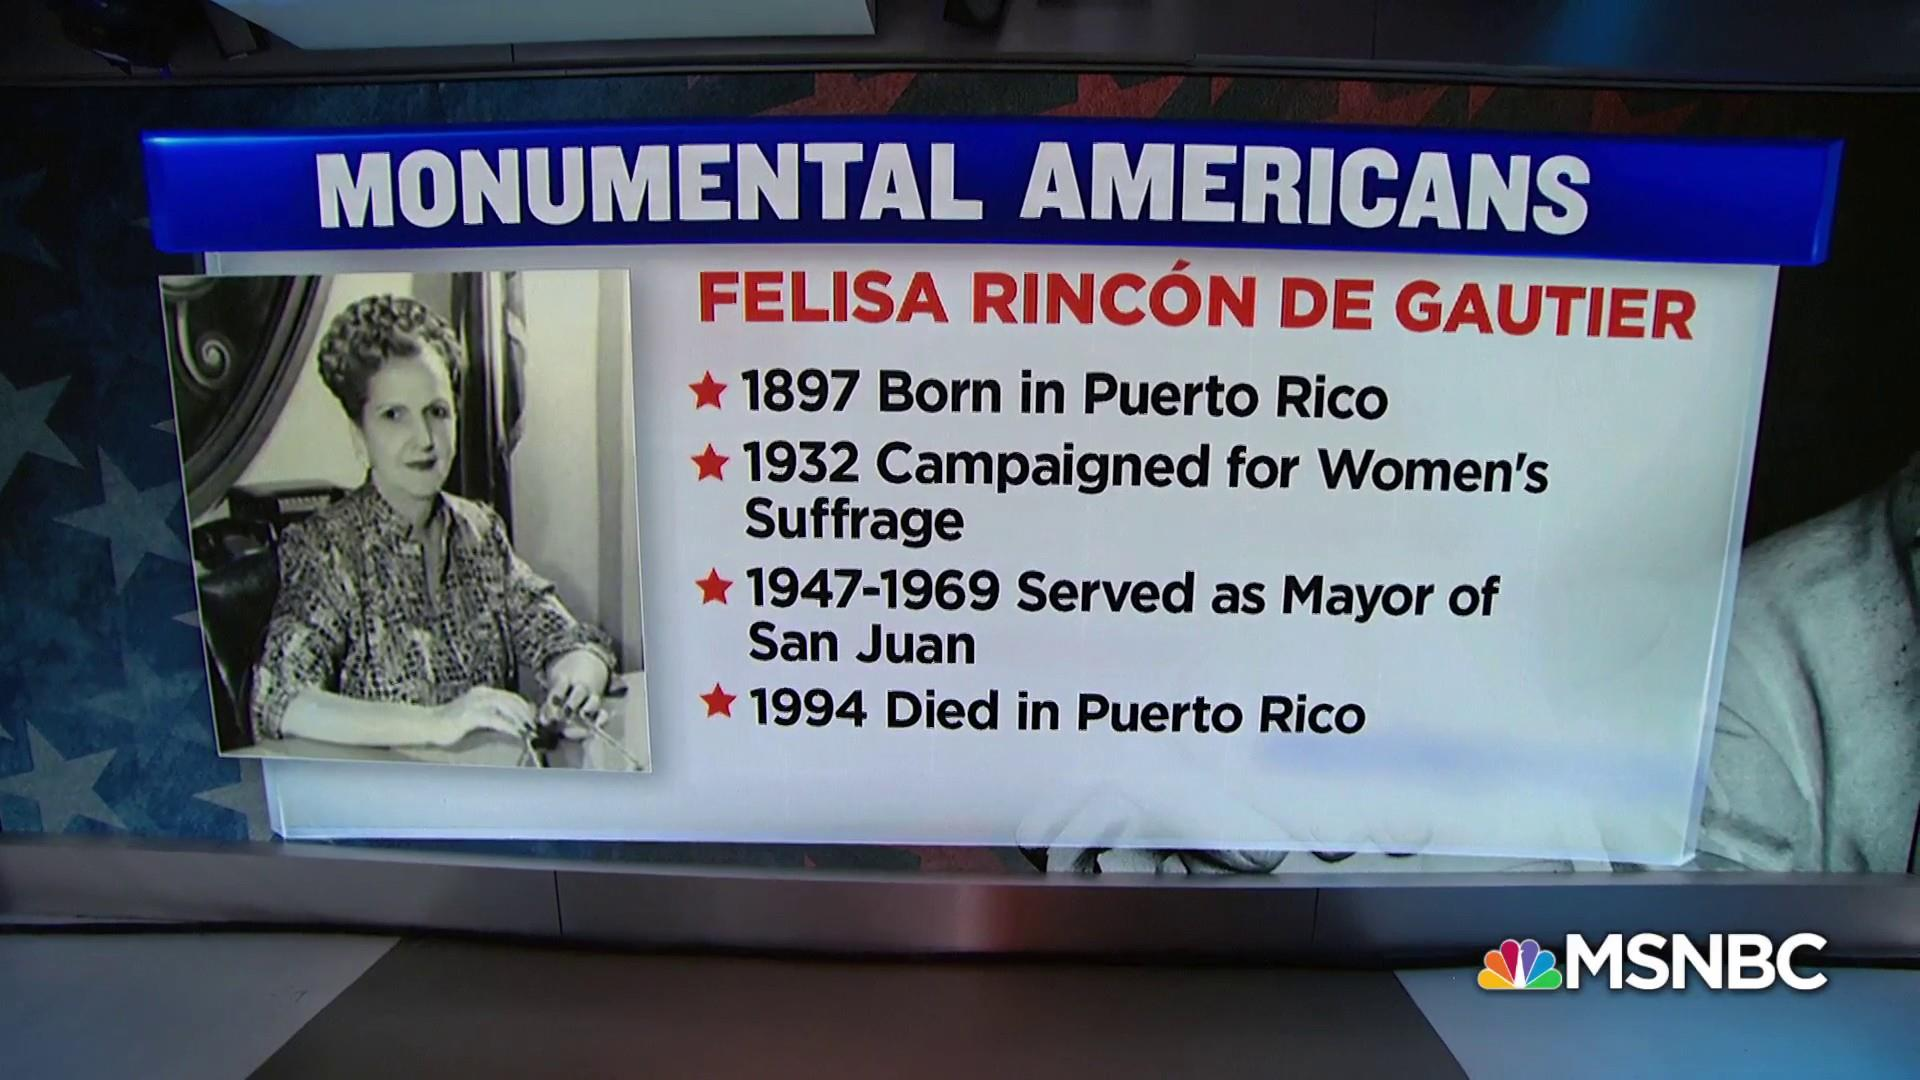 #MonumentalAmerican: Felisa Rincón de Gautier